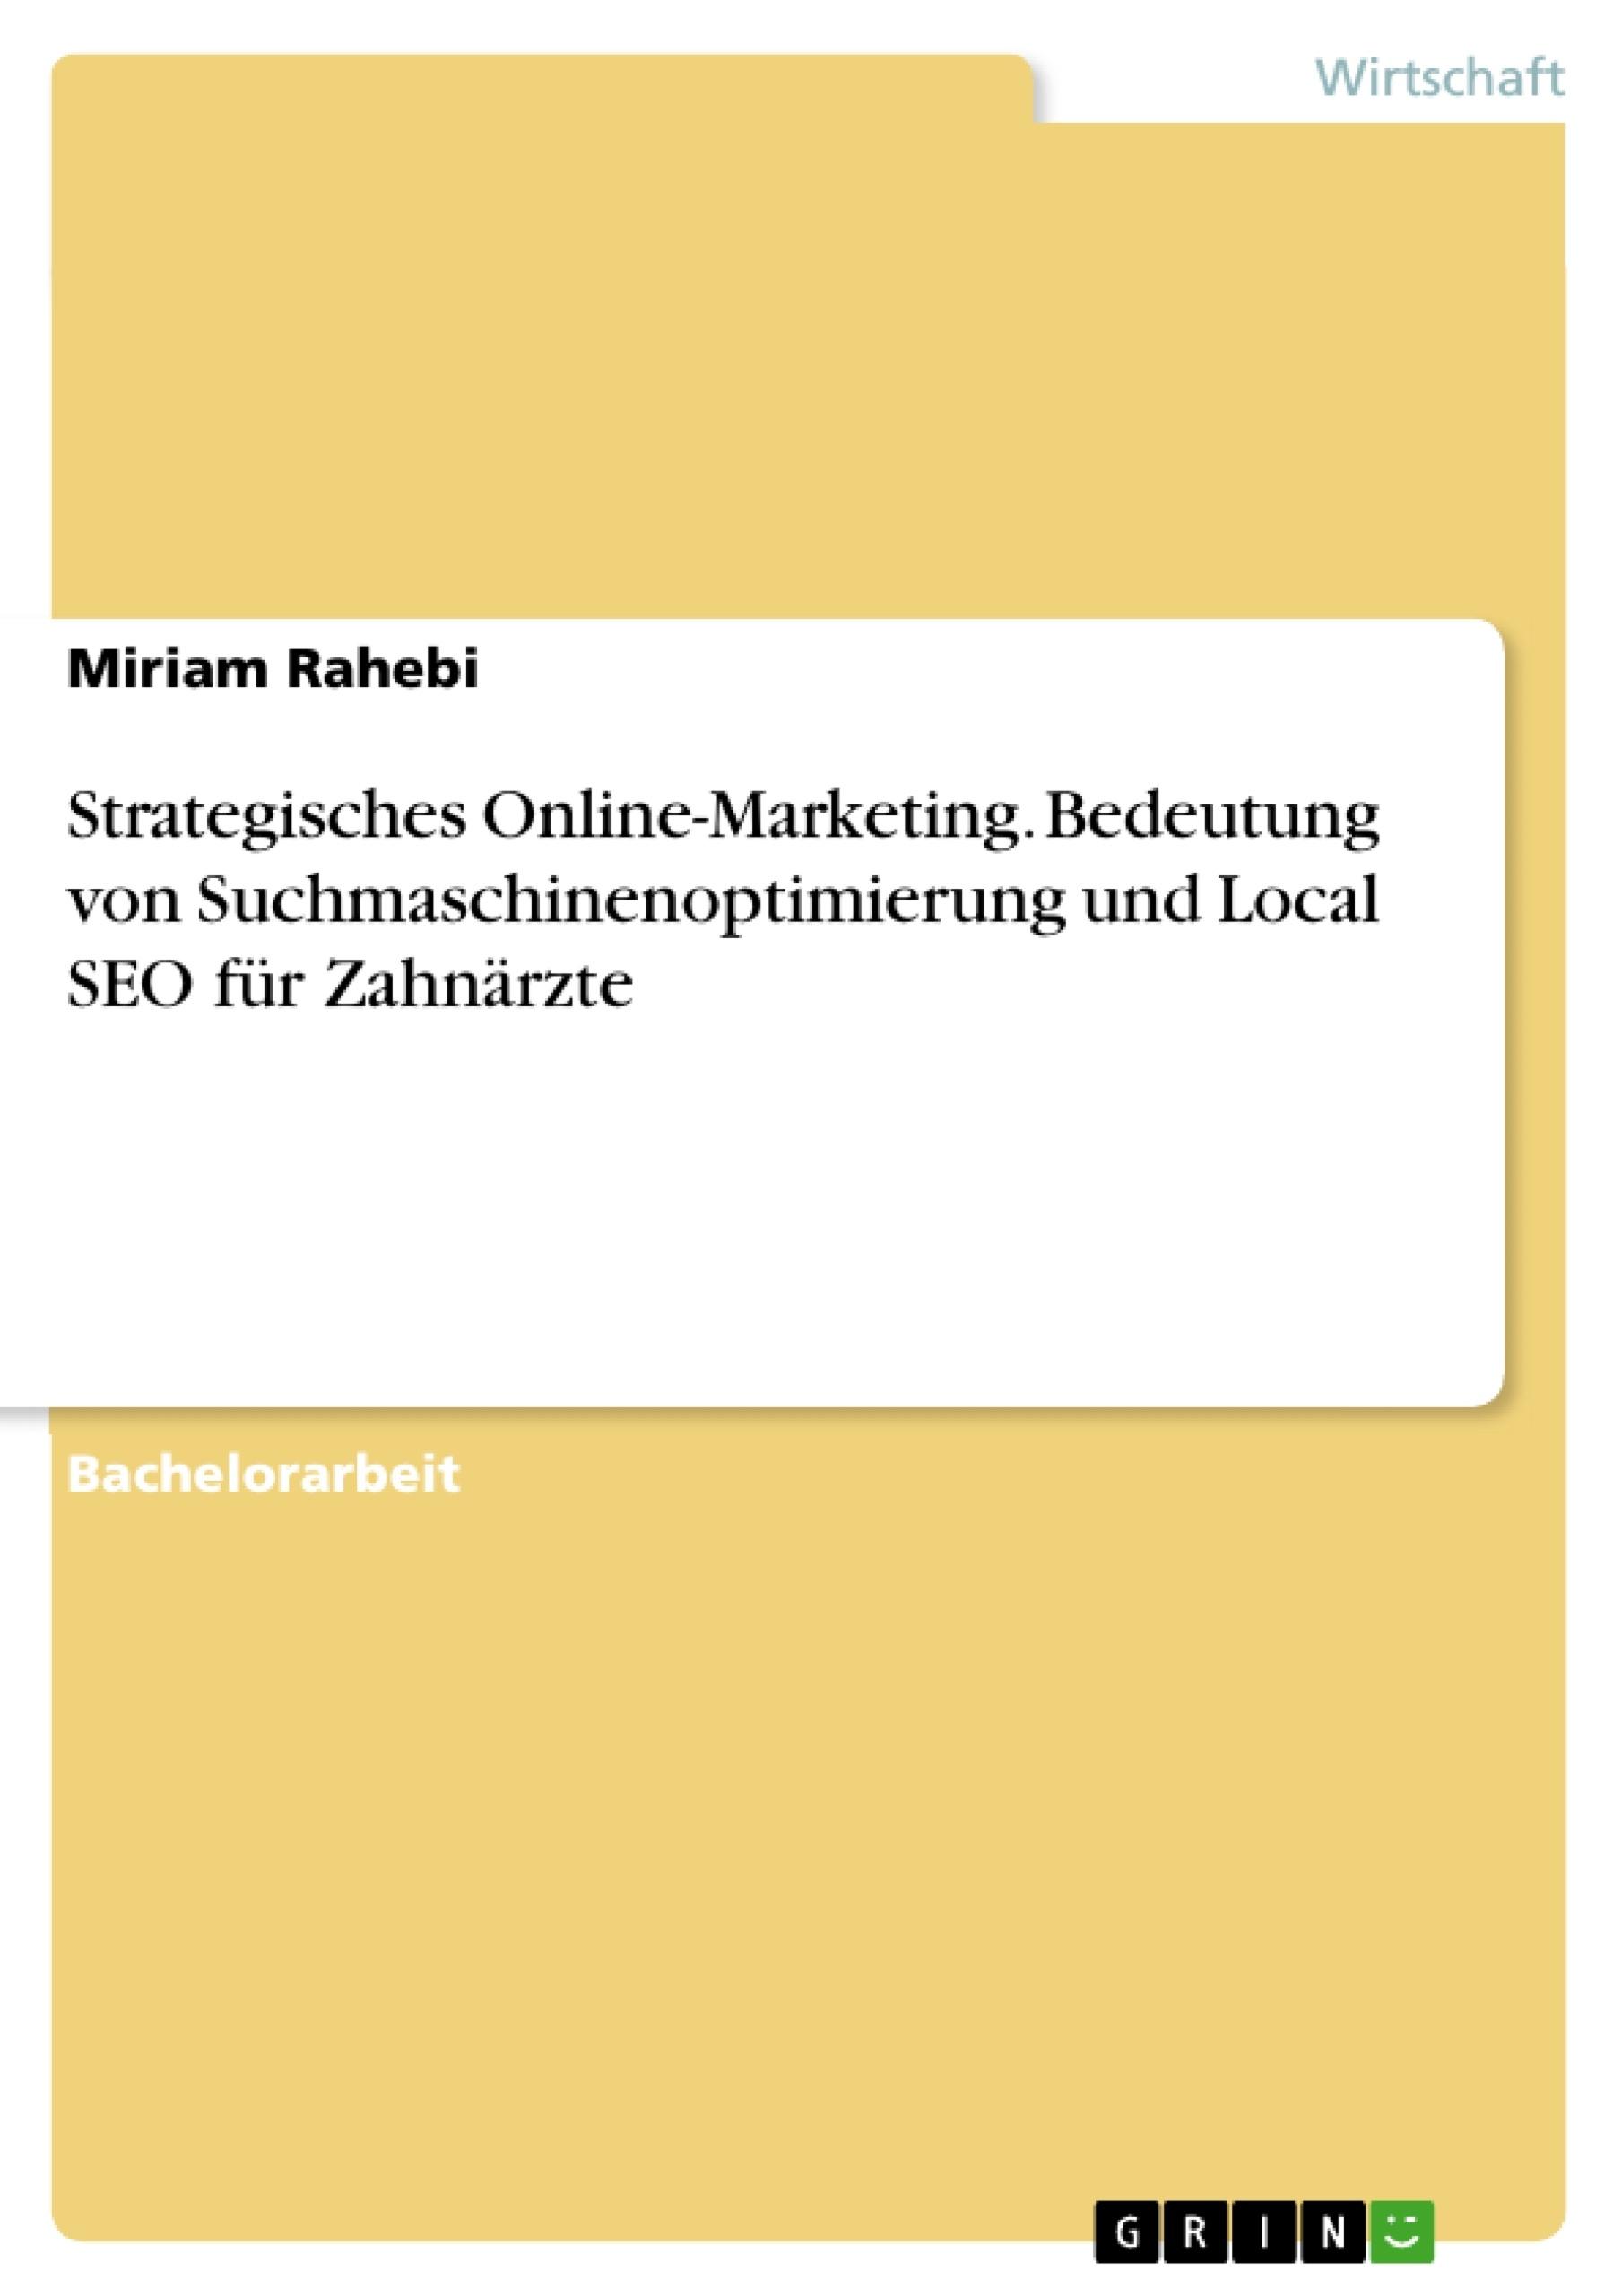 Titel: Strategisches Online-Marketing. Bedeutung von Suchmaschinenoptimierung und Local SEO für Zahnärzte